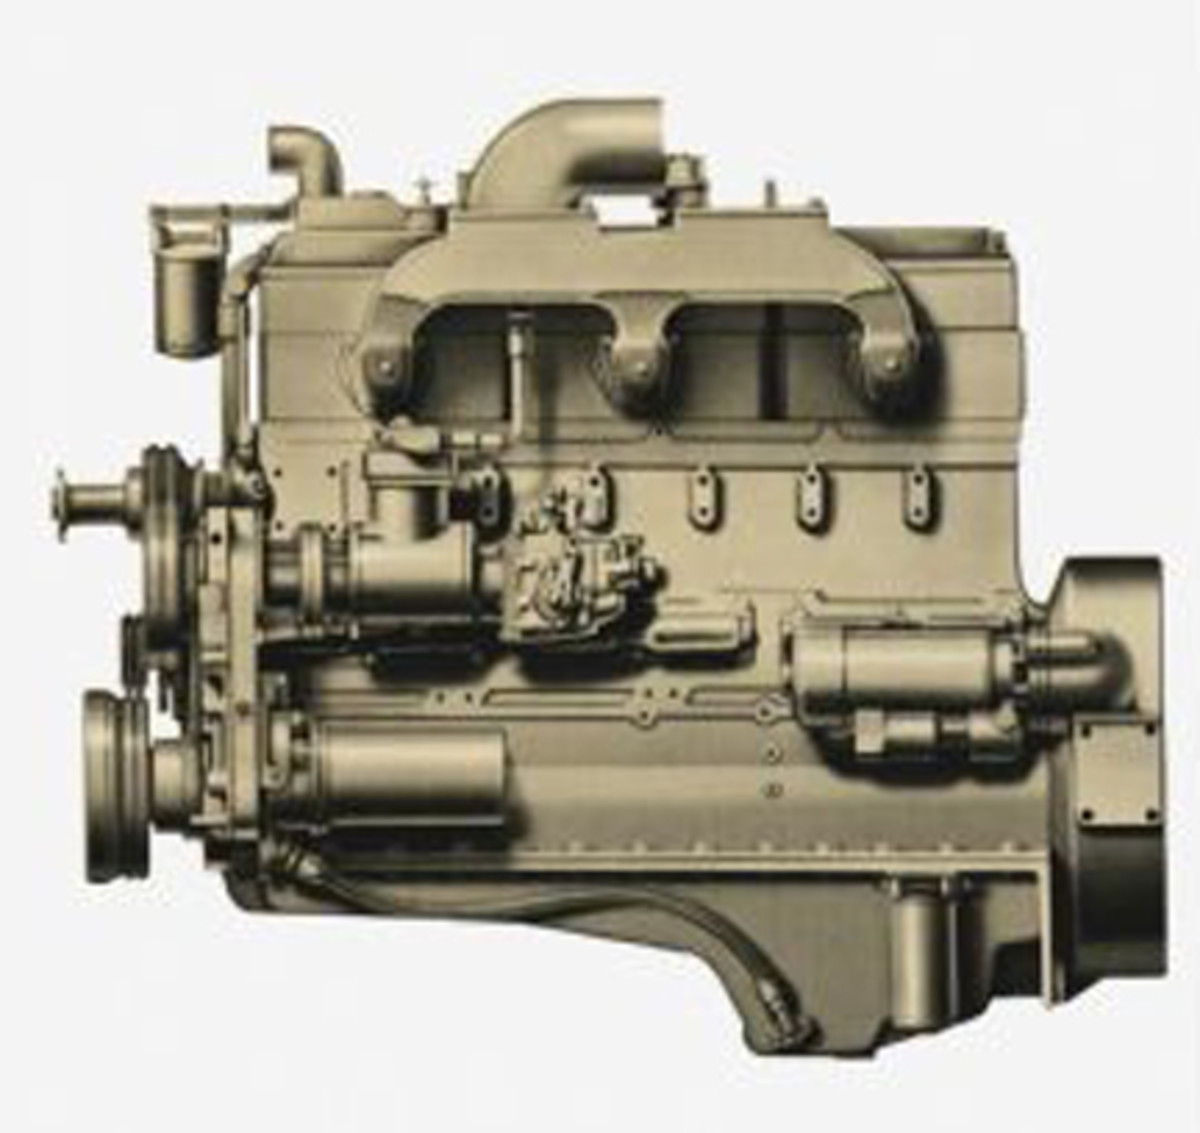 Cummins NHC 250 855 cu in (14.0 L) naturally aspirated inline 6 cylinder diesel engine.